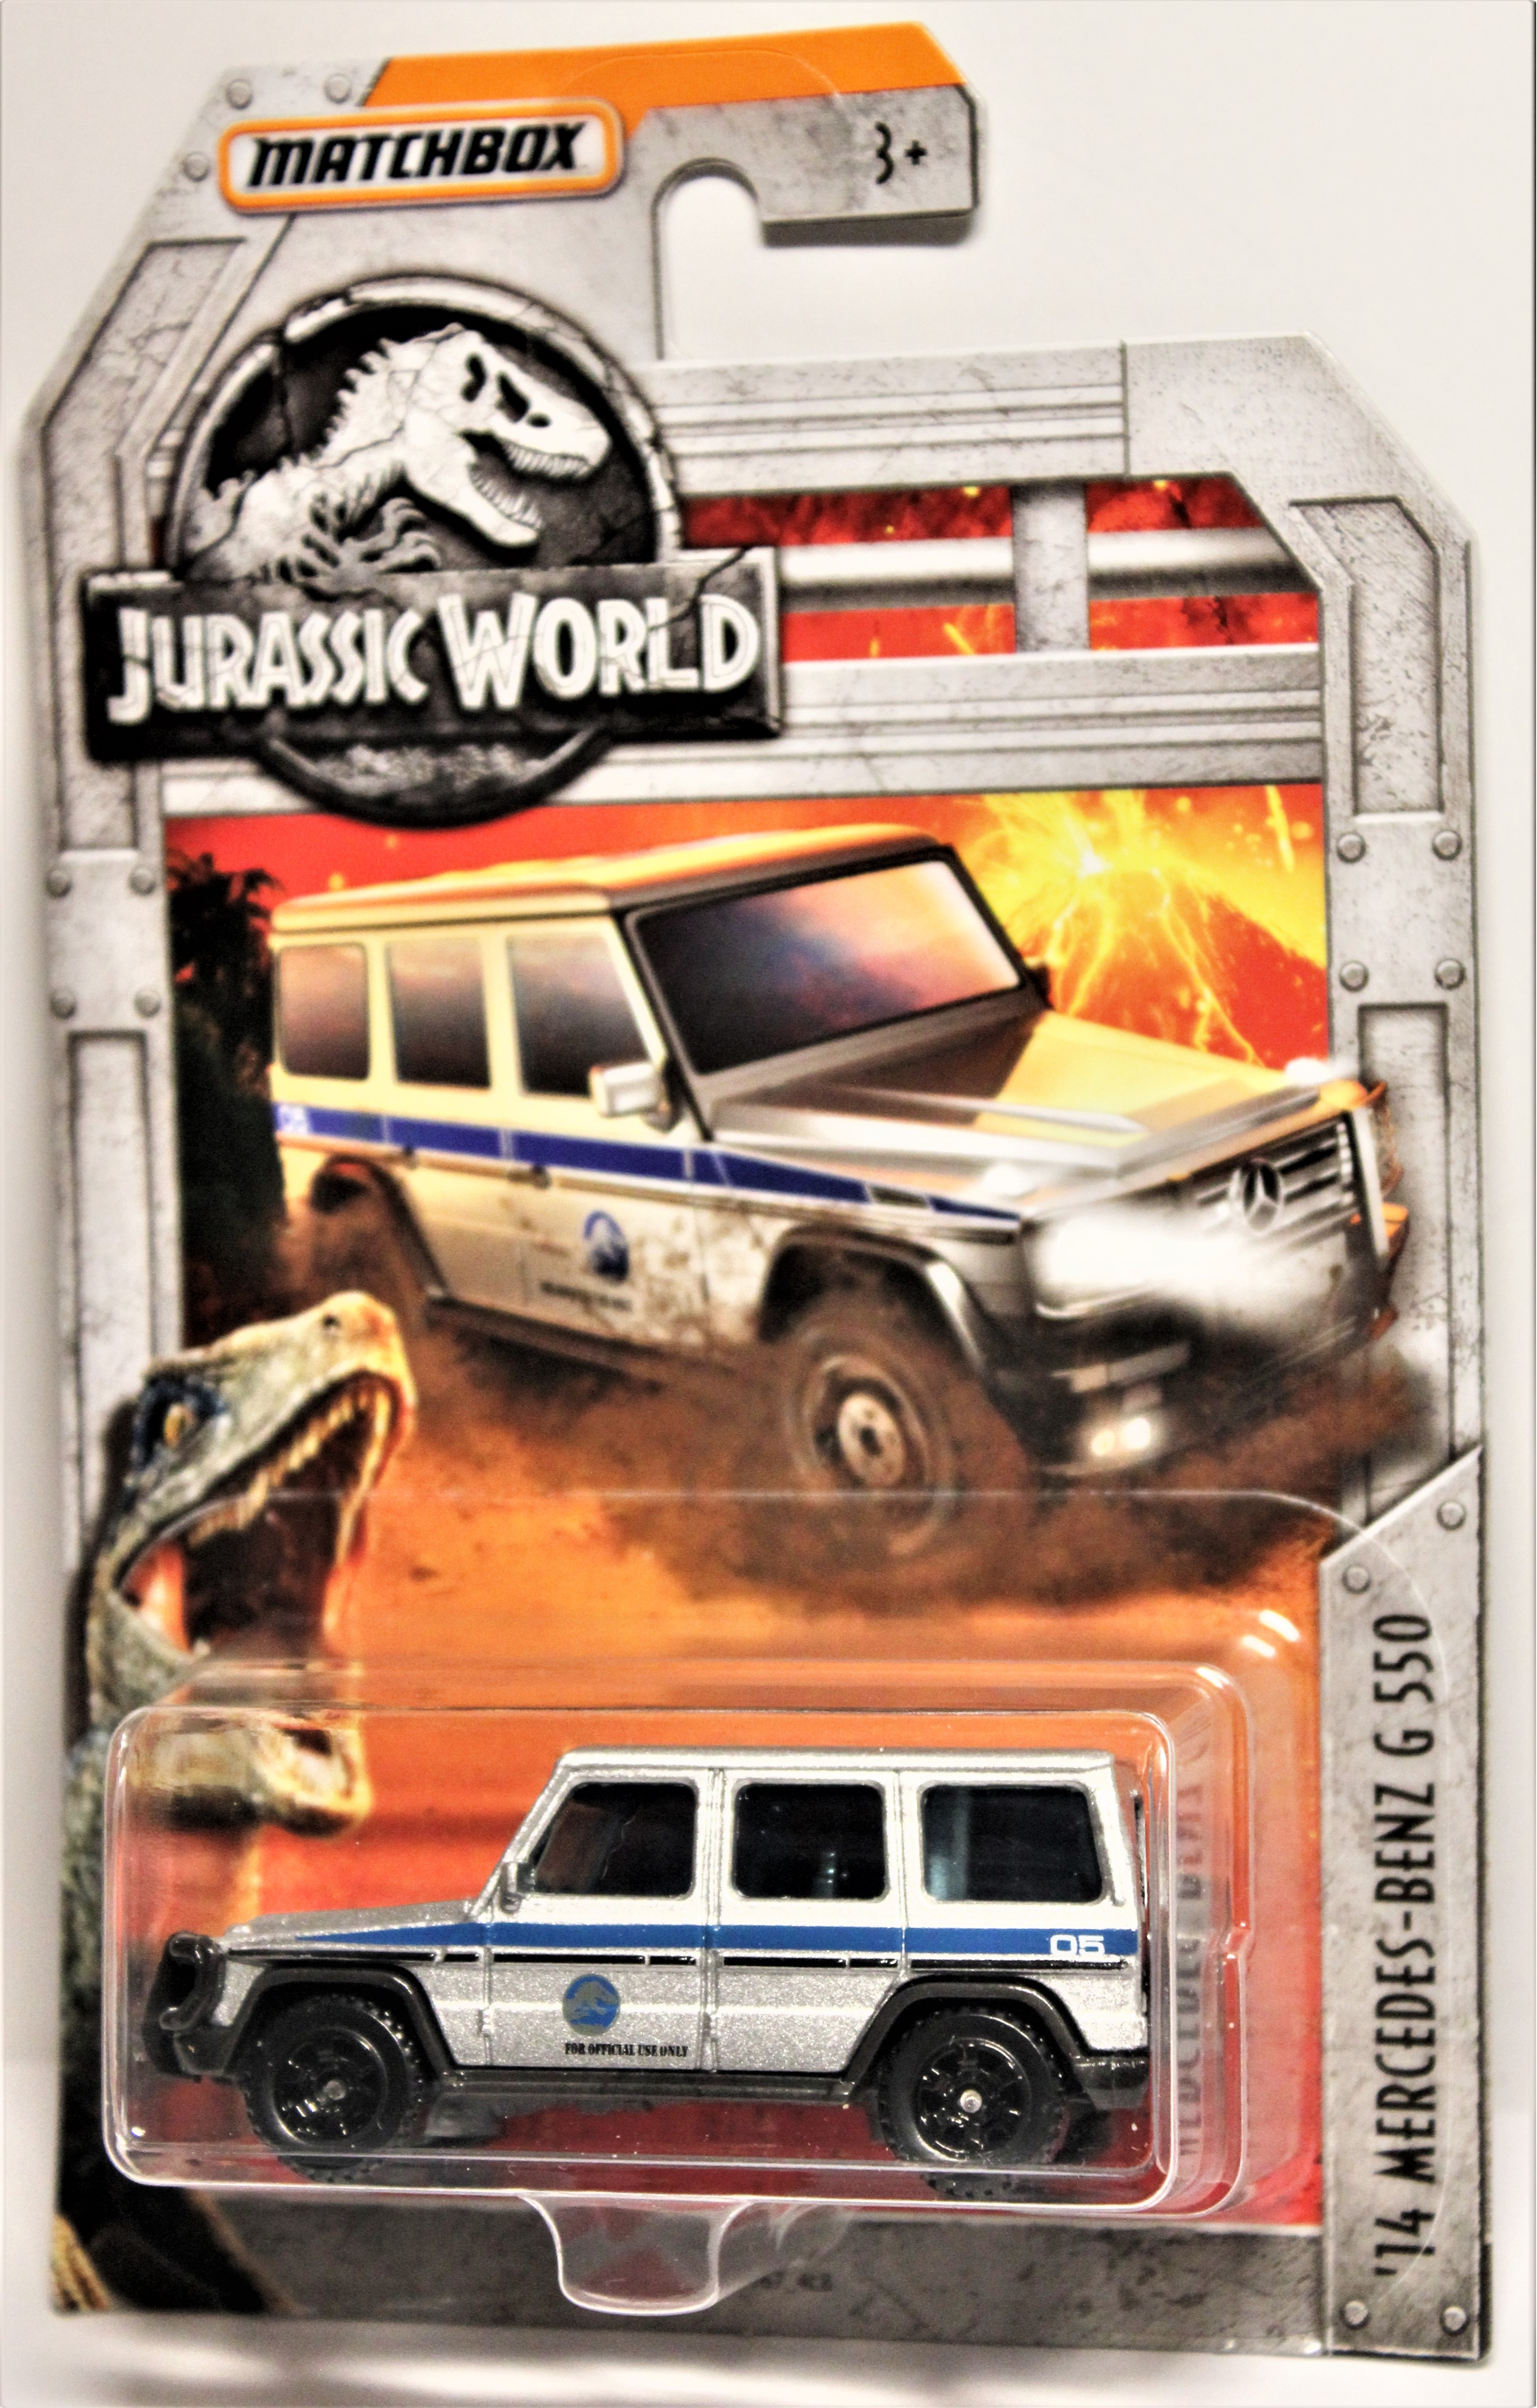 14 Mercedes-Benz G 550 2018 Matchbox Jurassic World Limited Edition